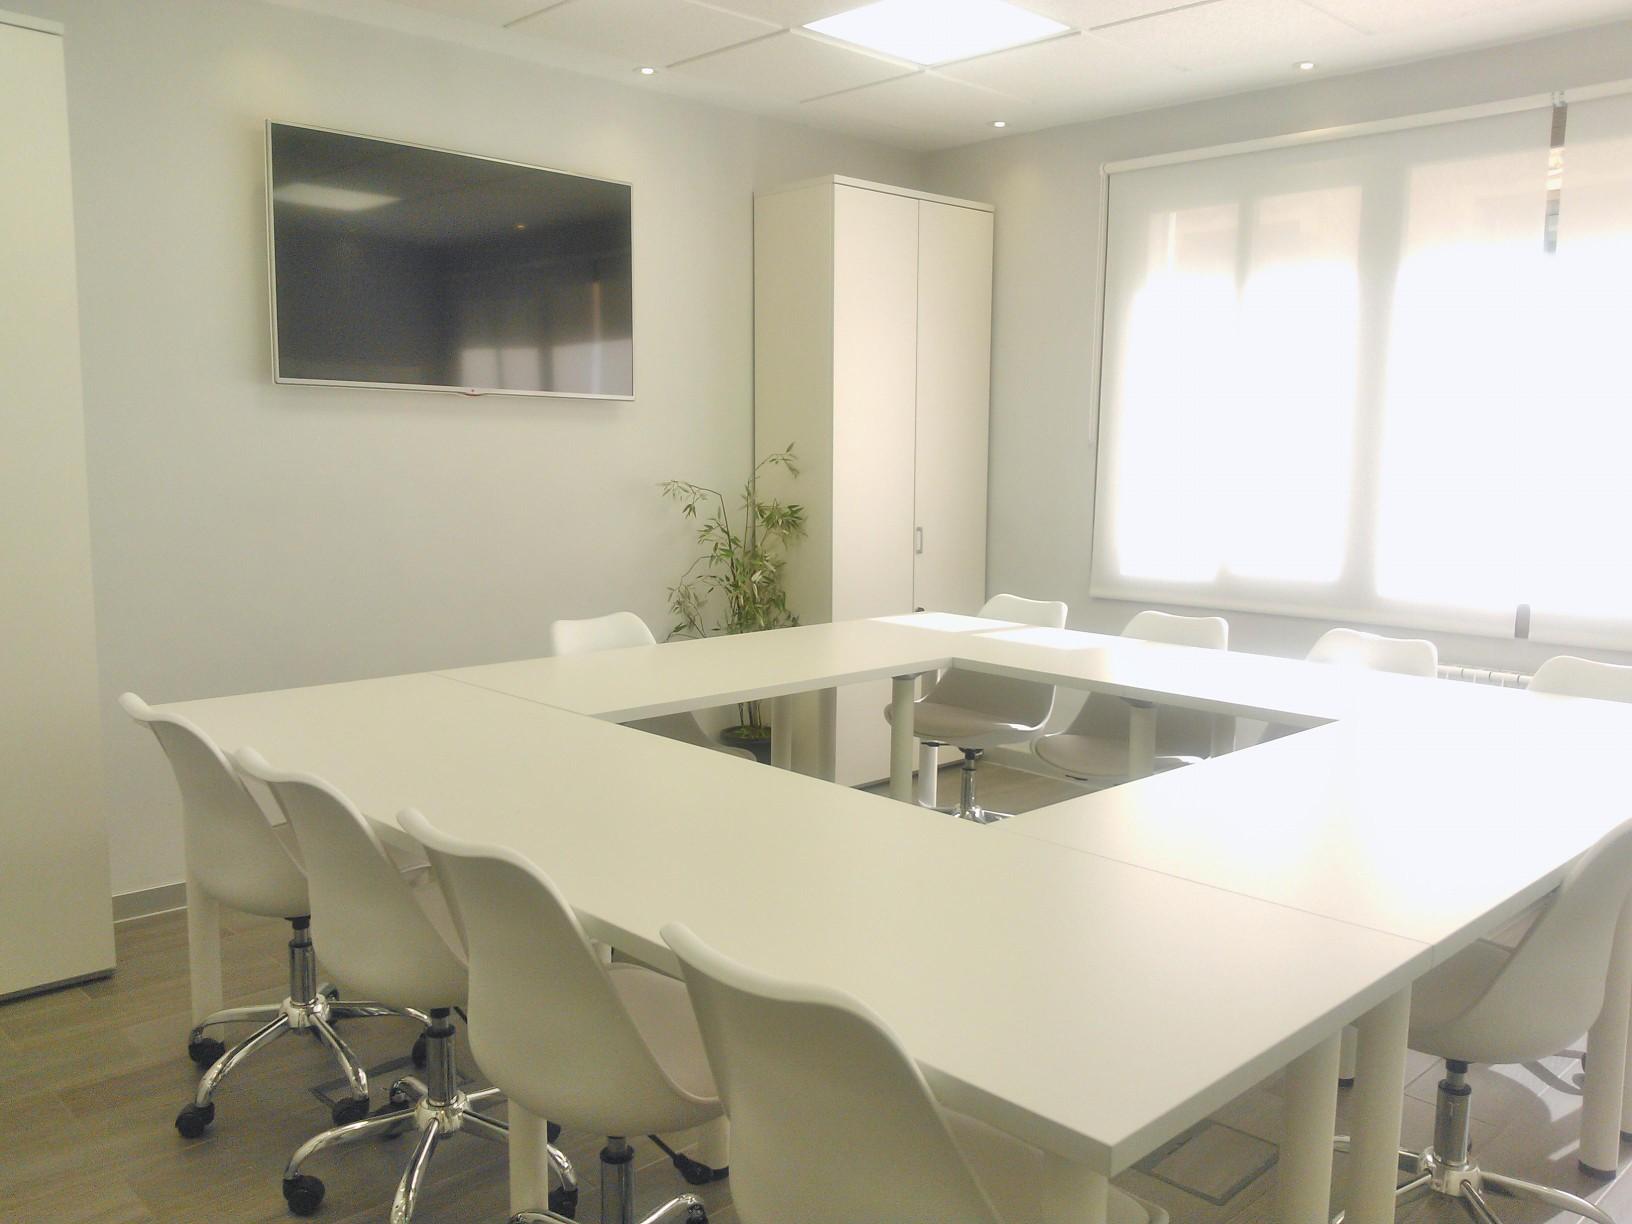 En TRIDIOM contamos con un espacio y un programa para hacer conferencias. Un servicio moderno de telefonía para reuniones, y negociaciones online